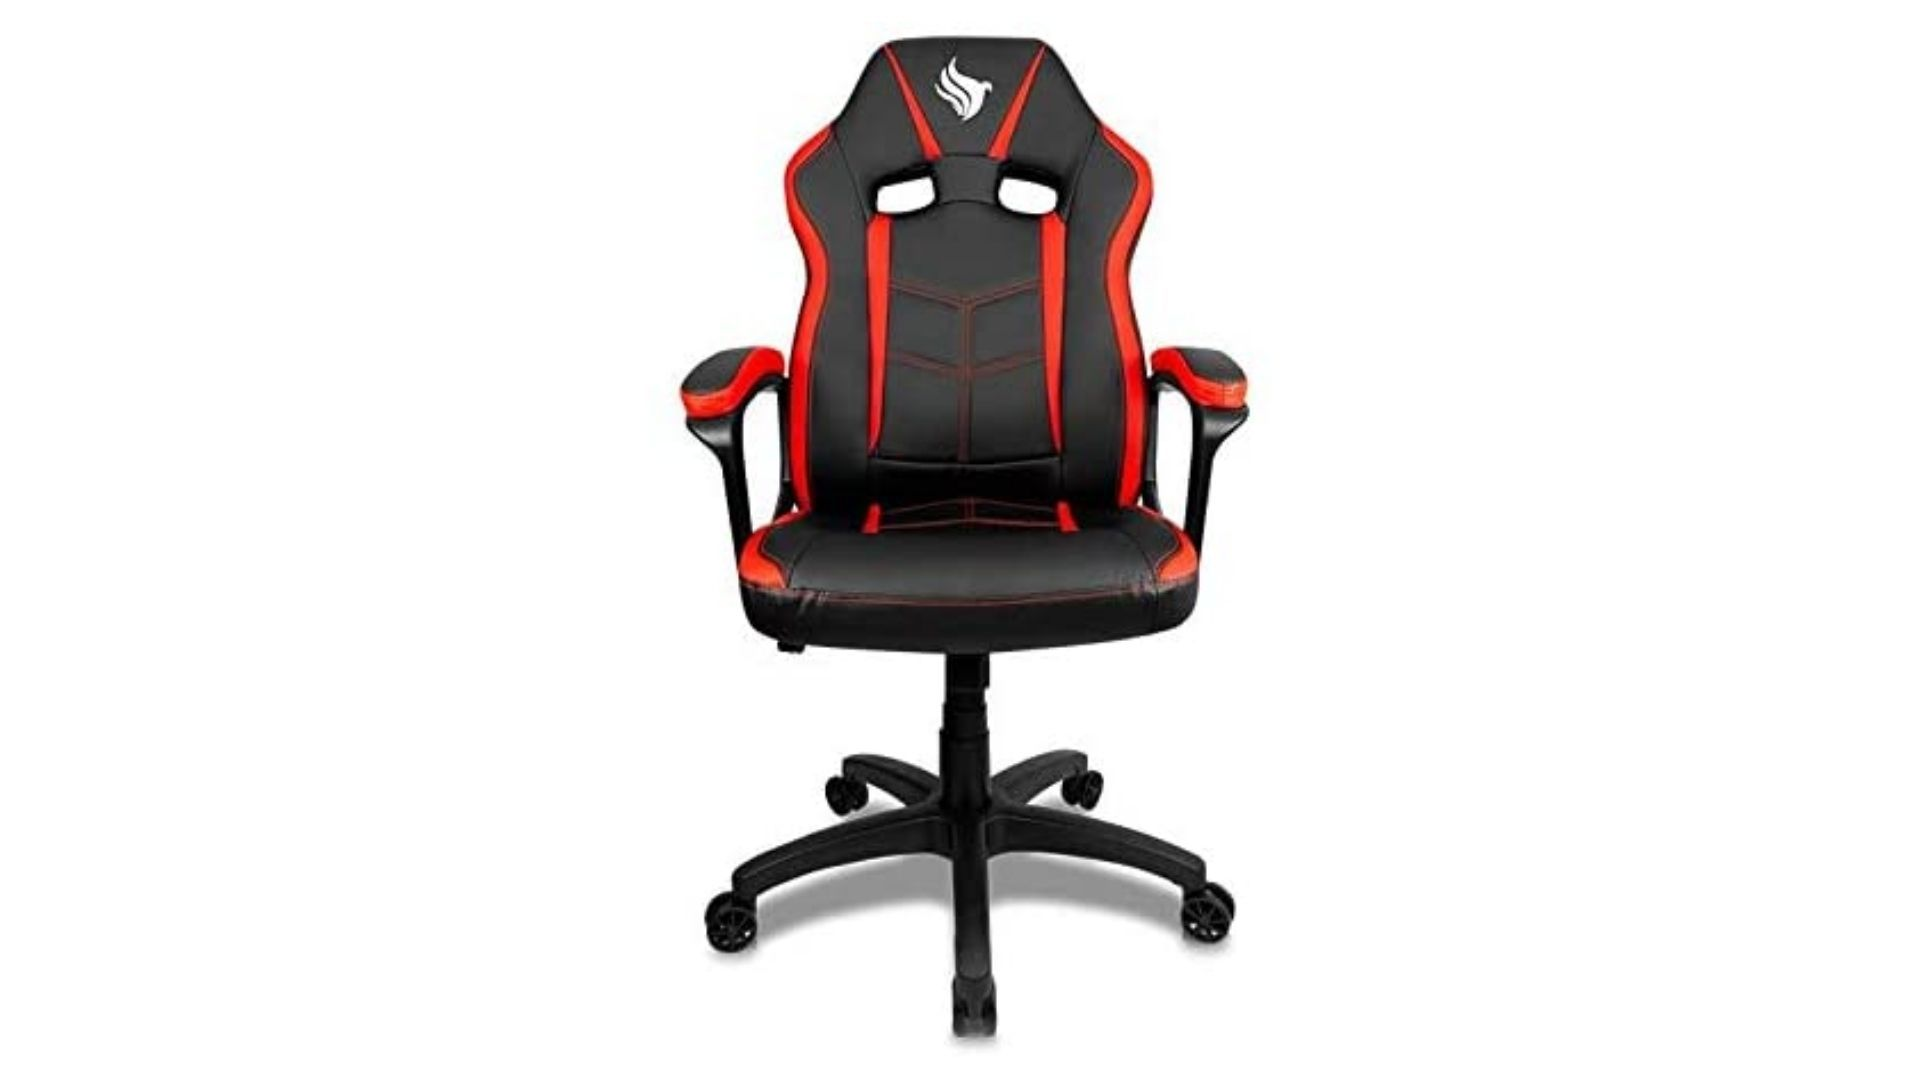 Cadeira Gamer Pichau Mondain preta e vermelha em fundo branco